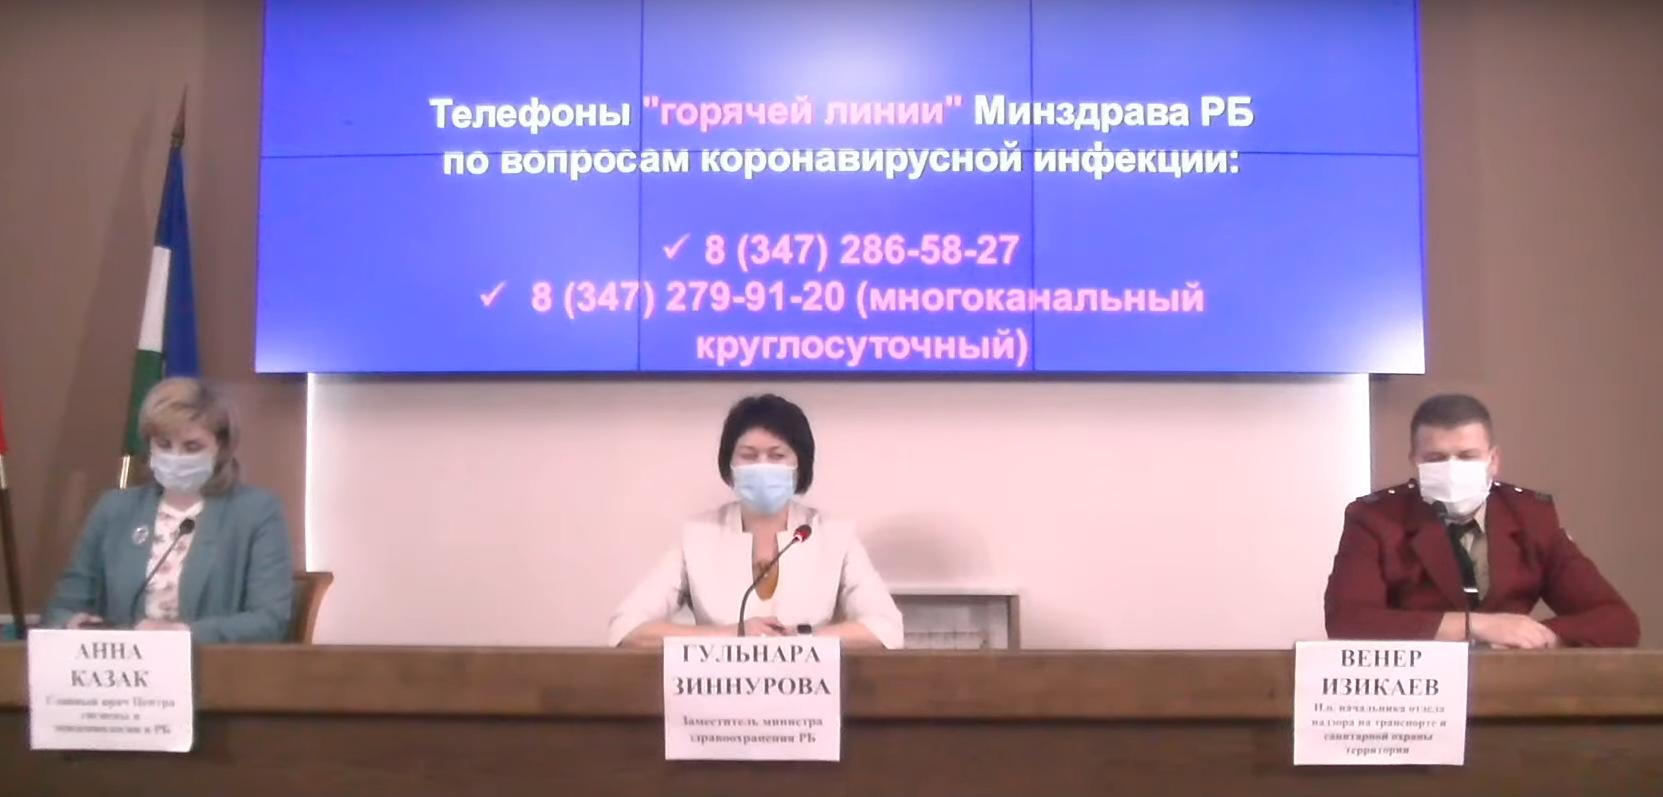 3021 подтвержденный случай COVID-19 зафиксирован в Башкортостане